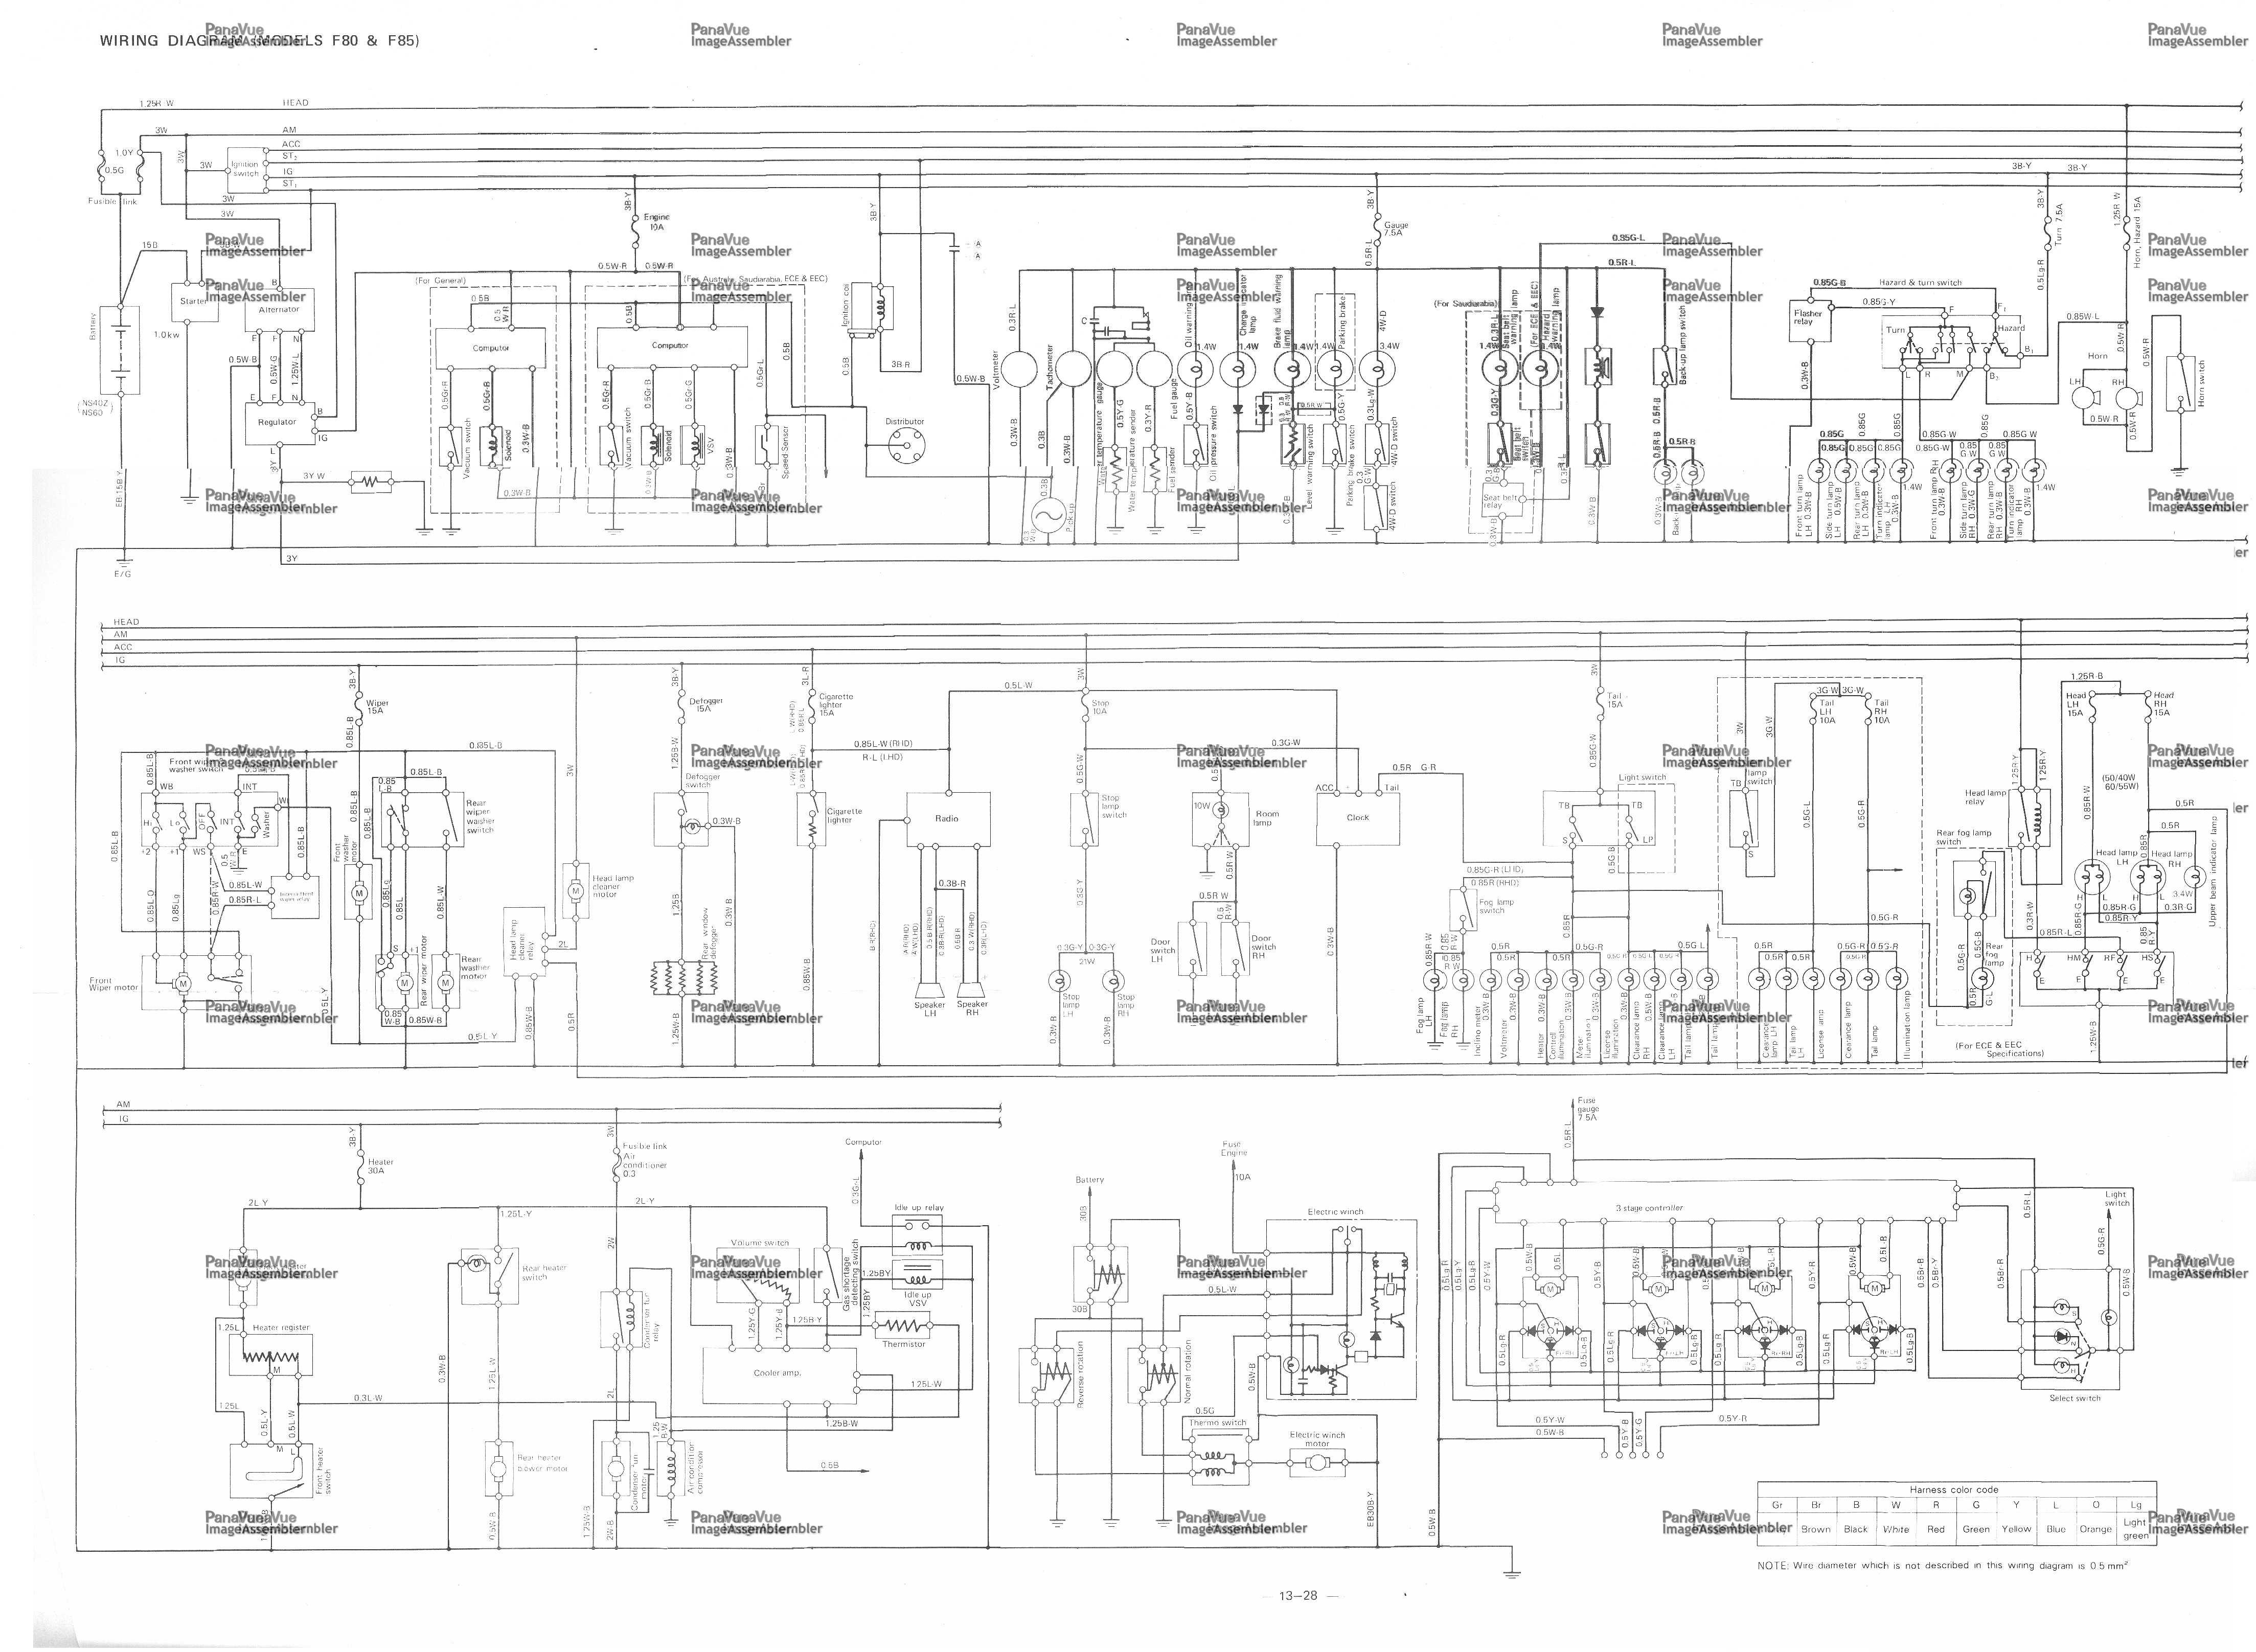 Blaupunkt Wiring Diagram Page 4 And Schematics Radio Cd30 Best Image 2018 Rh Oceanodigital Us